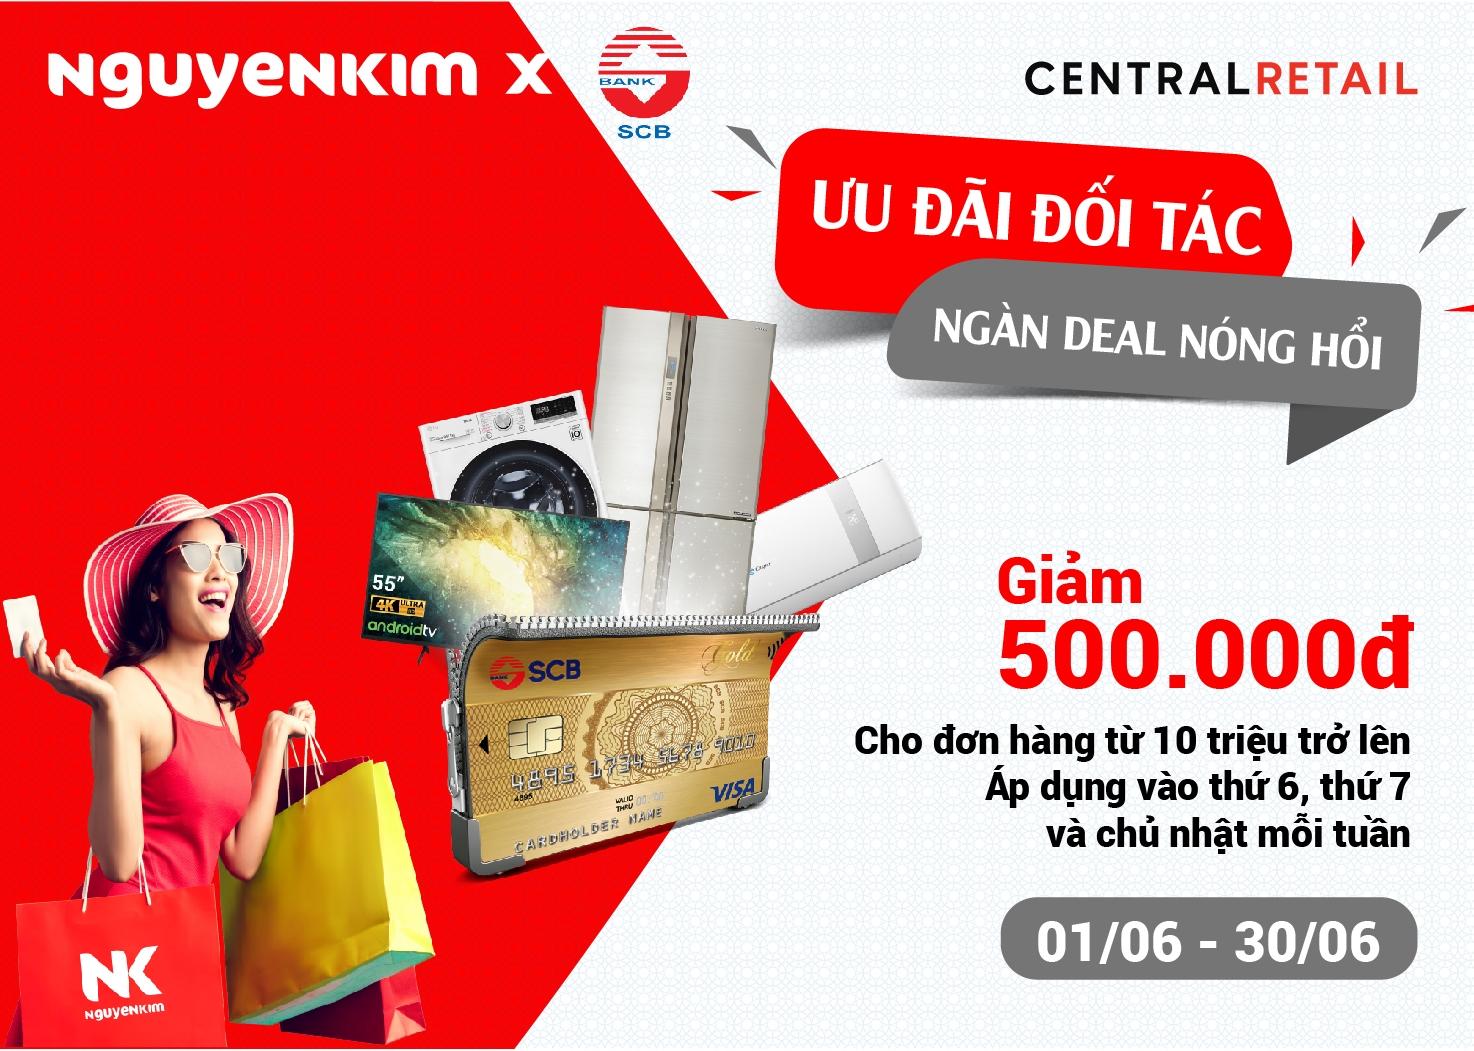 Ưu đãi thẻ tín dụng SCB giảm 500.000 đồng